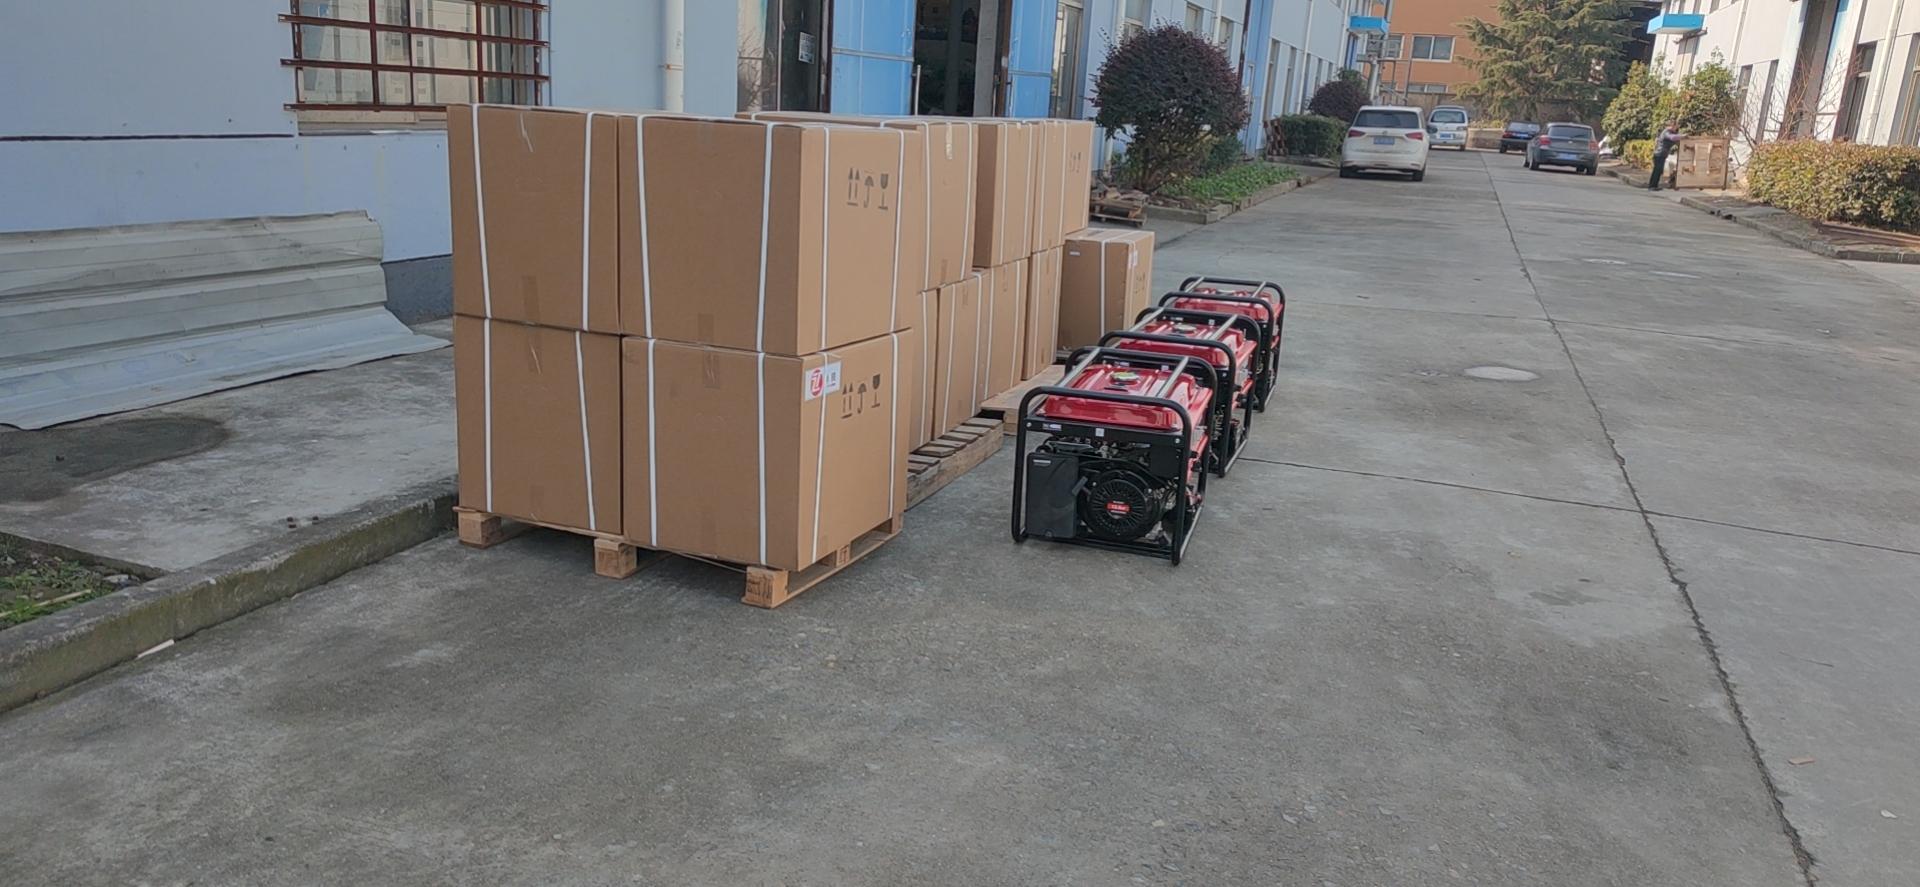 5kw汽油发电机泽腾品牌 医院备用电源956236265